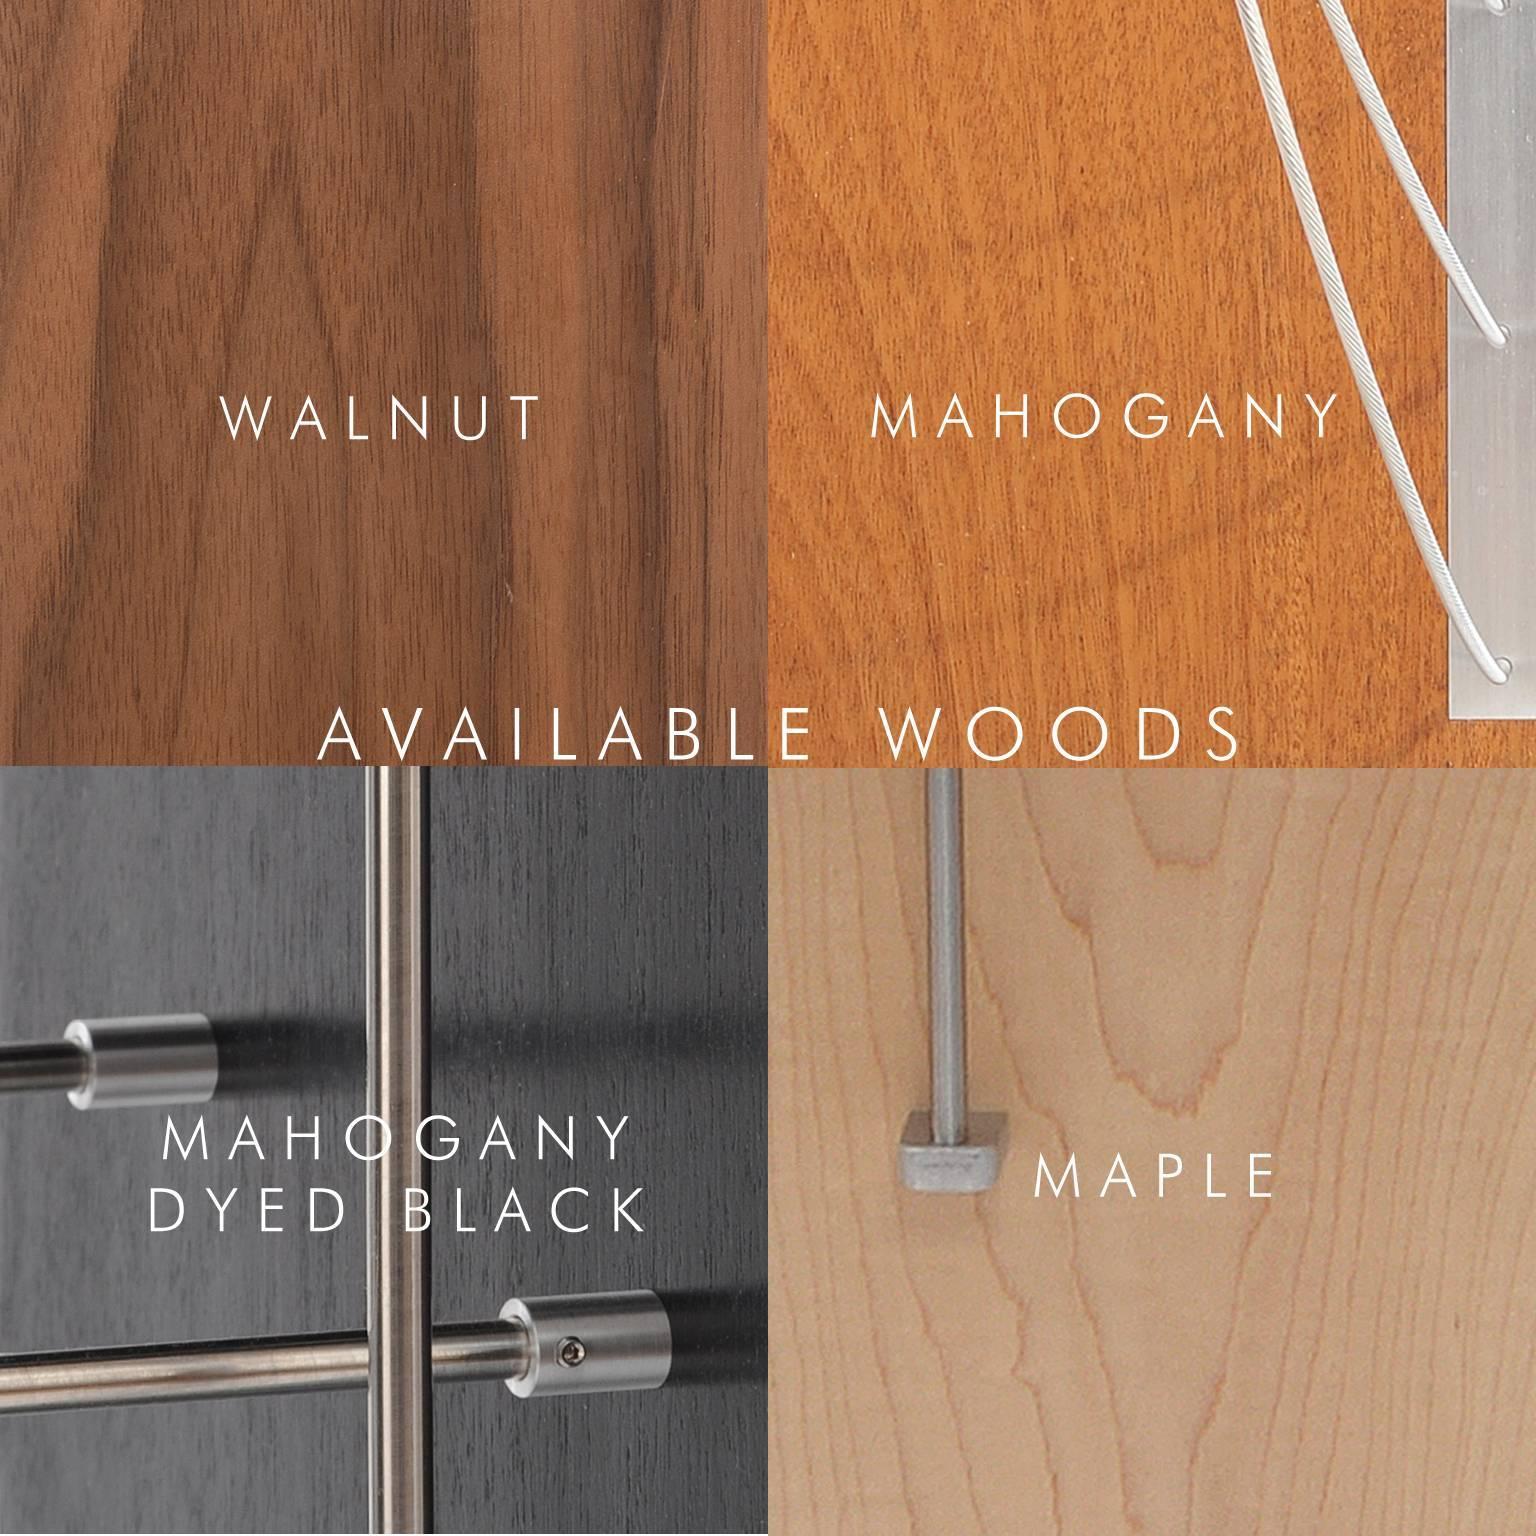 Mahogany Walnut Wood